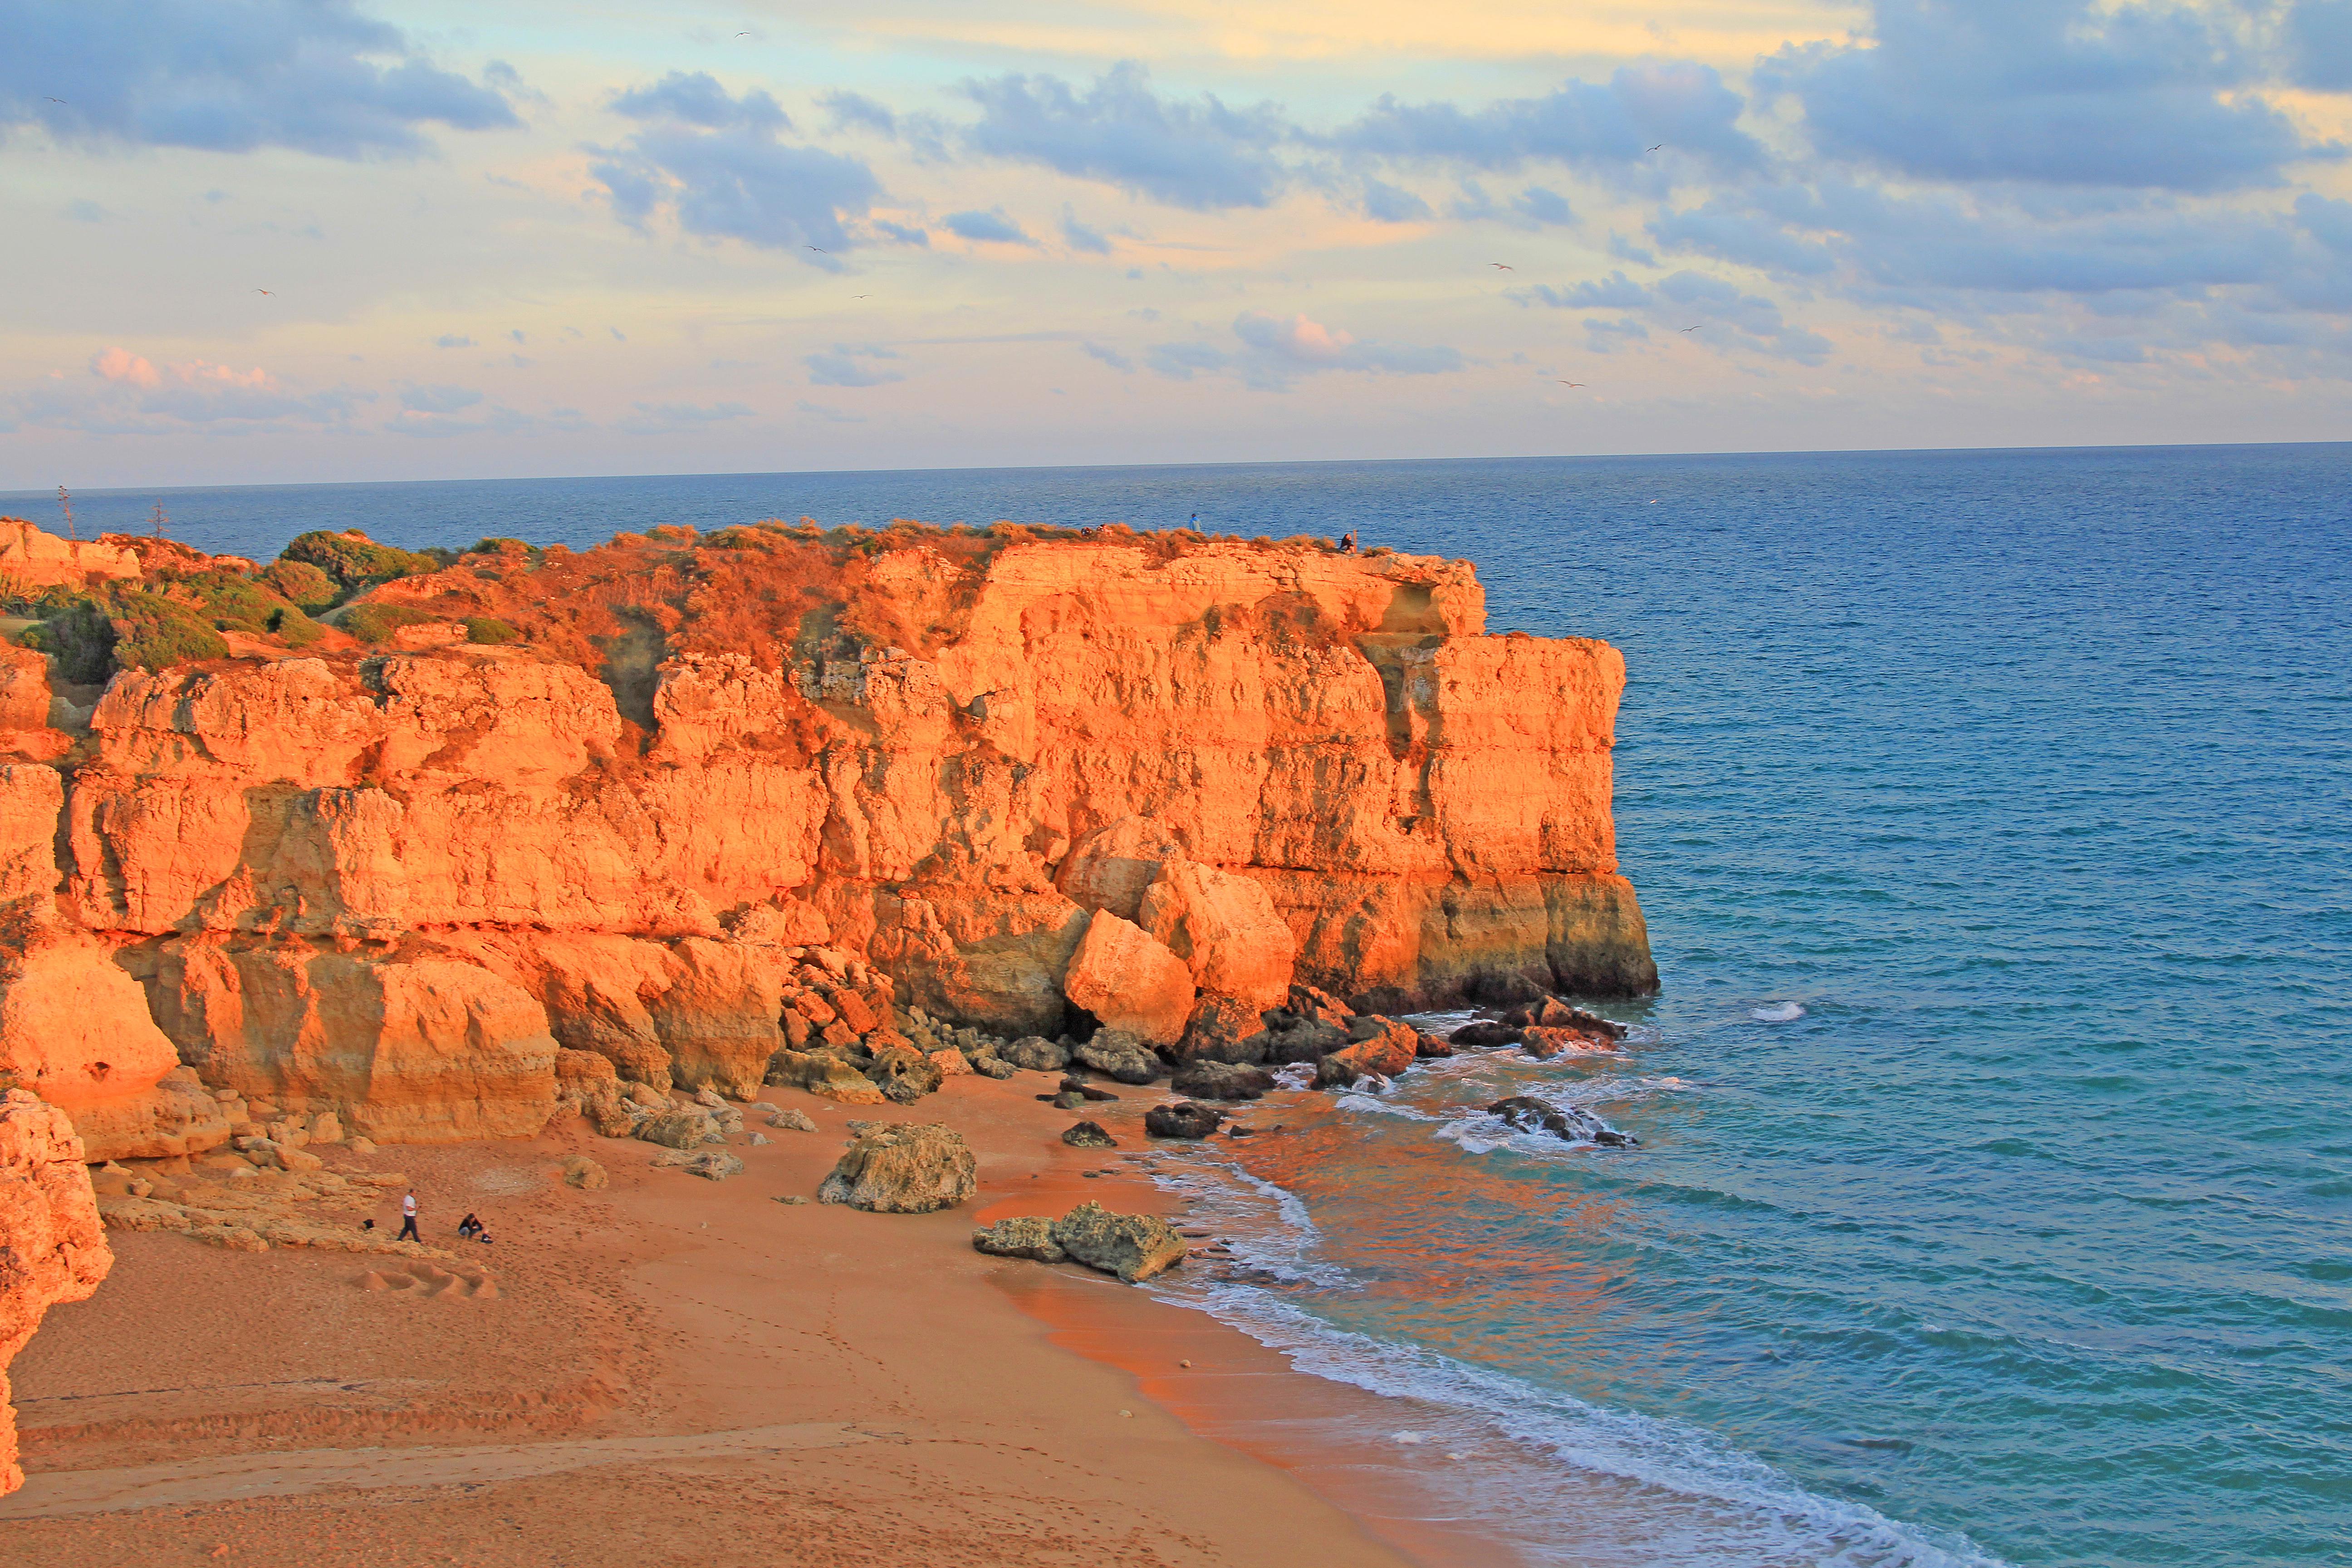 Praia da Coelha - Strand von Coelha 2